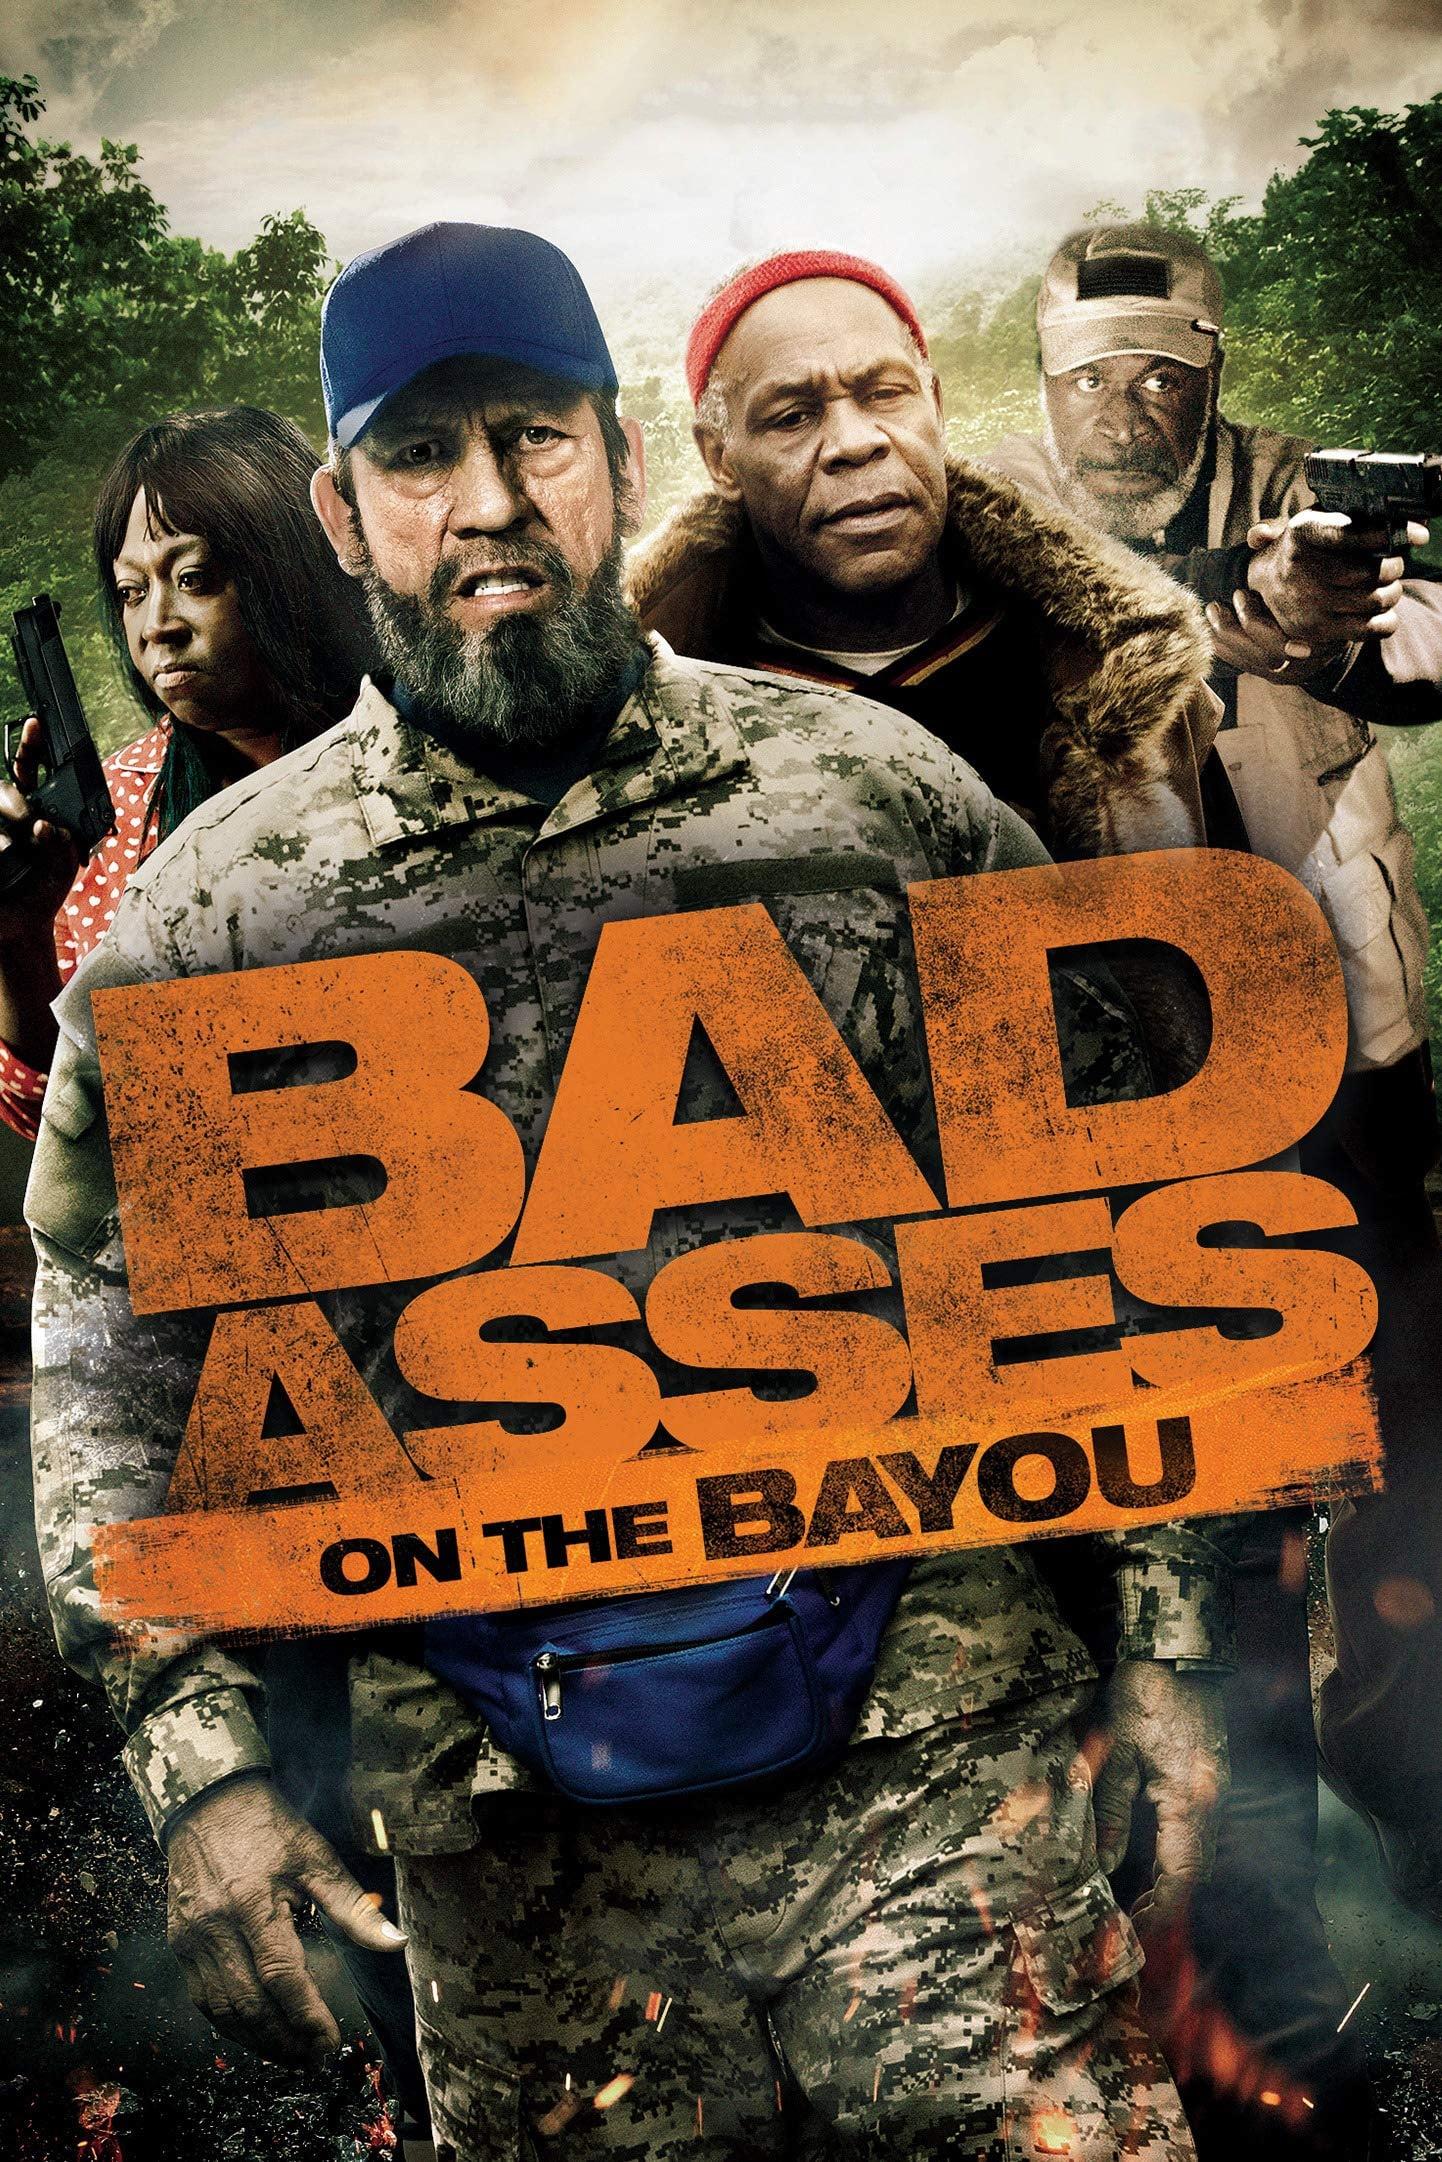 Bad Ass 3 Dois Durões em Bayou